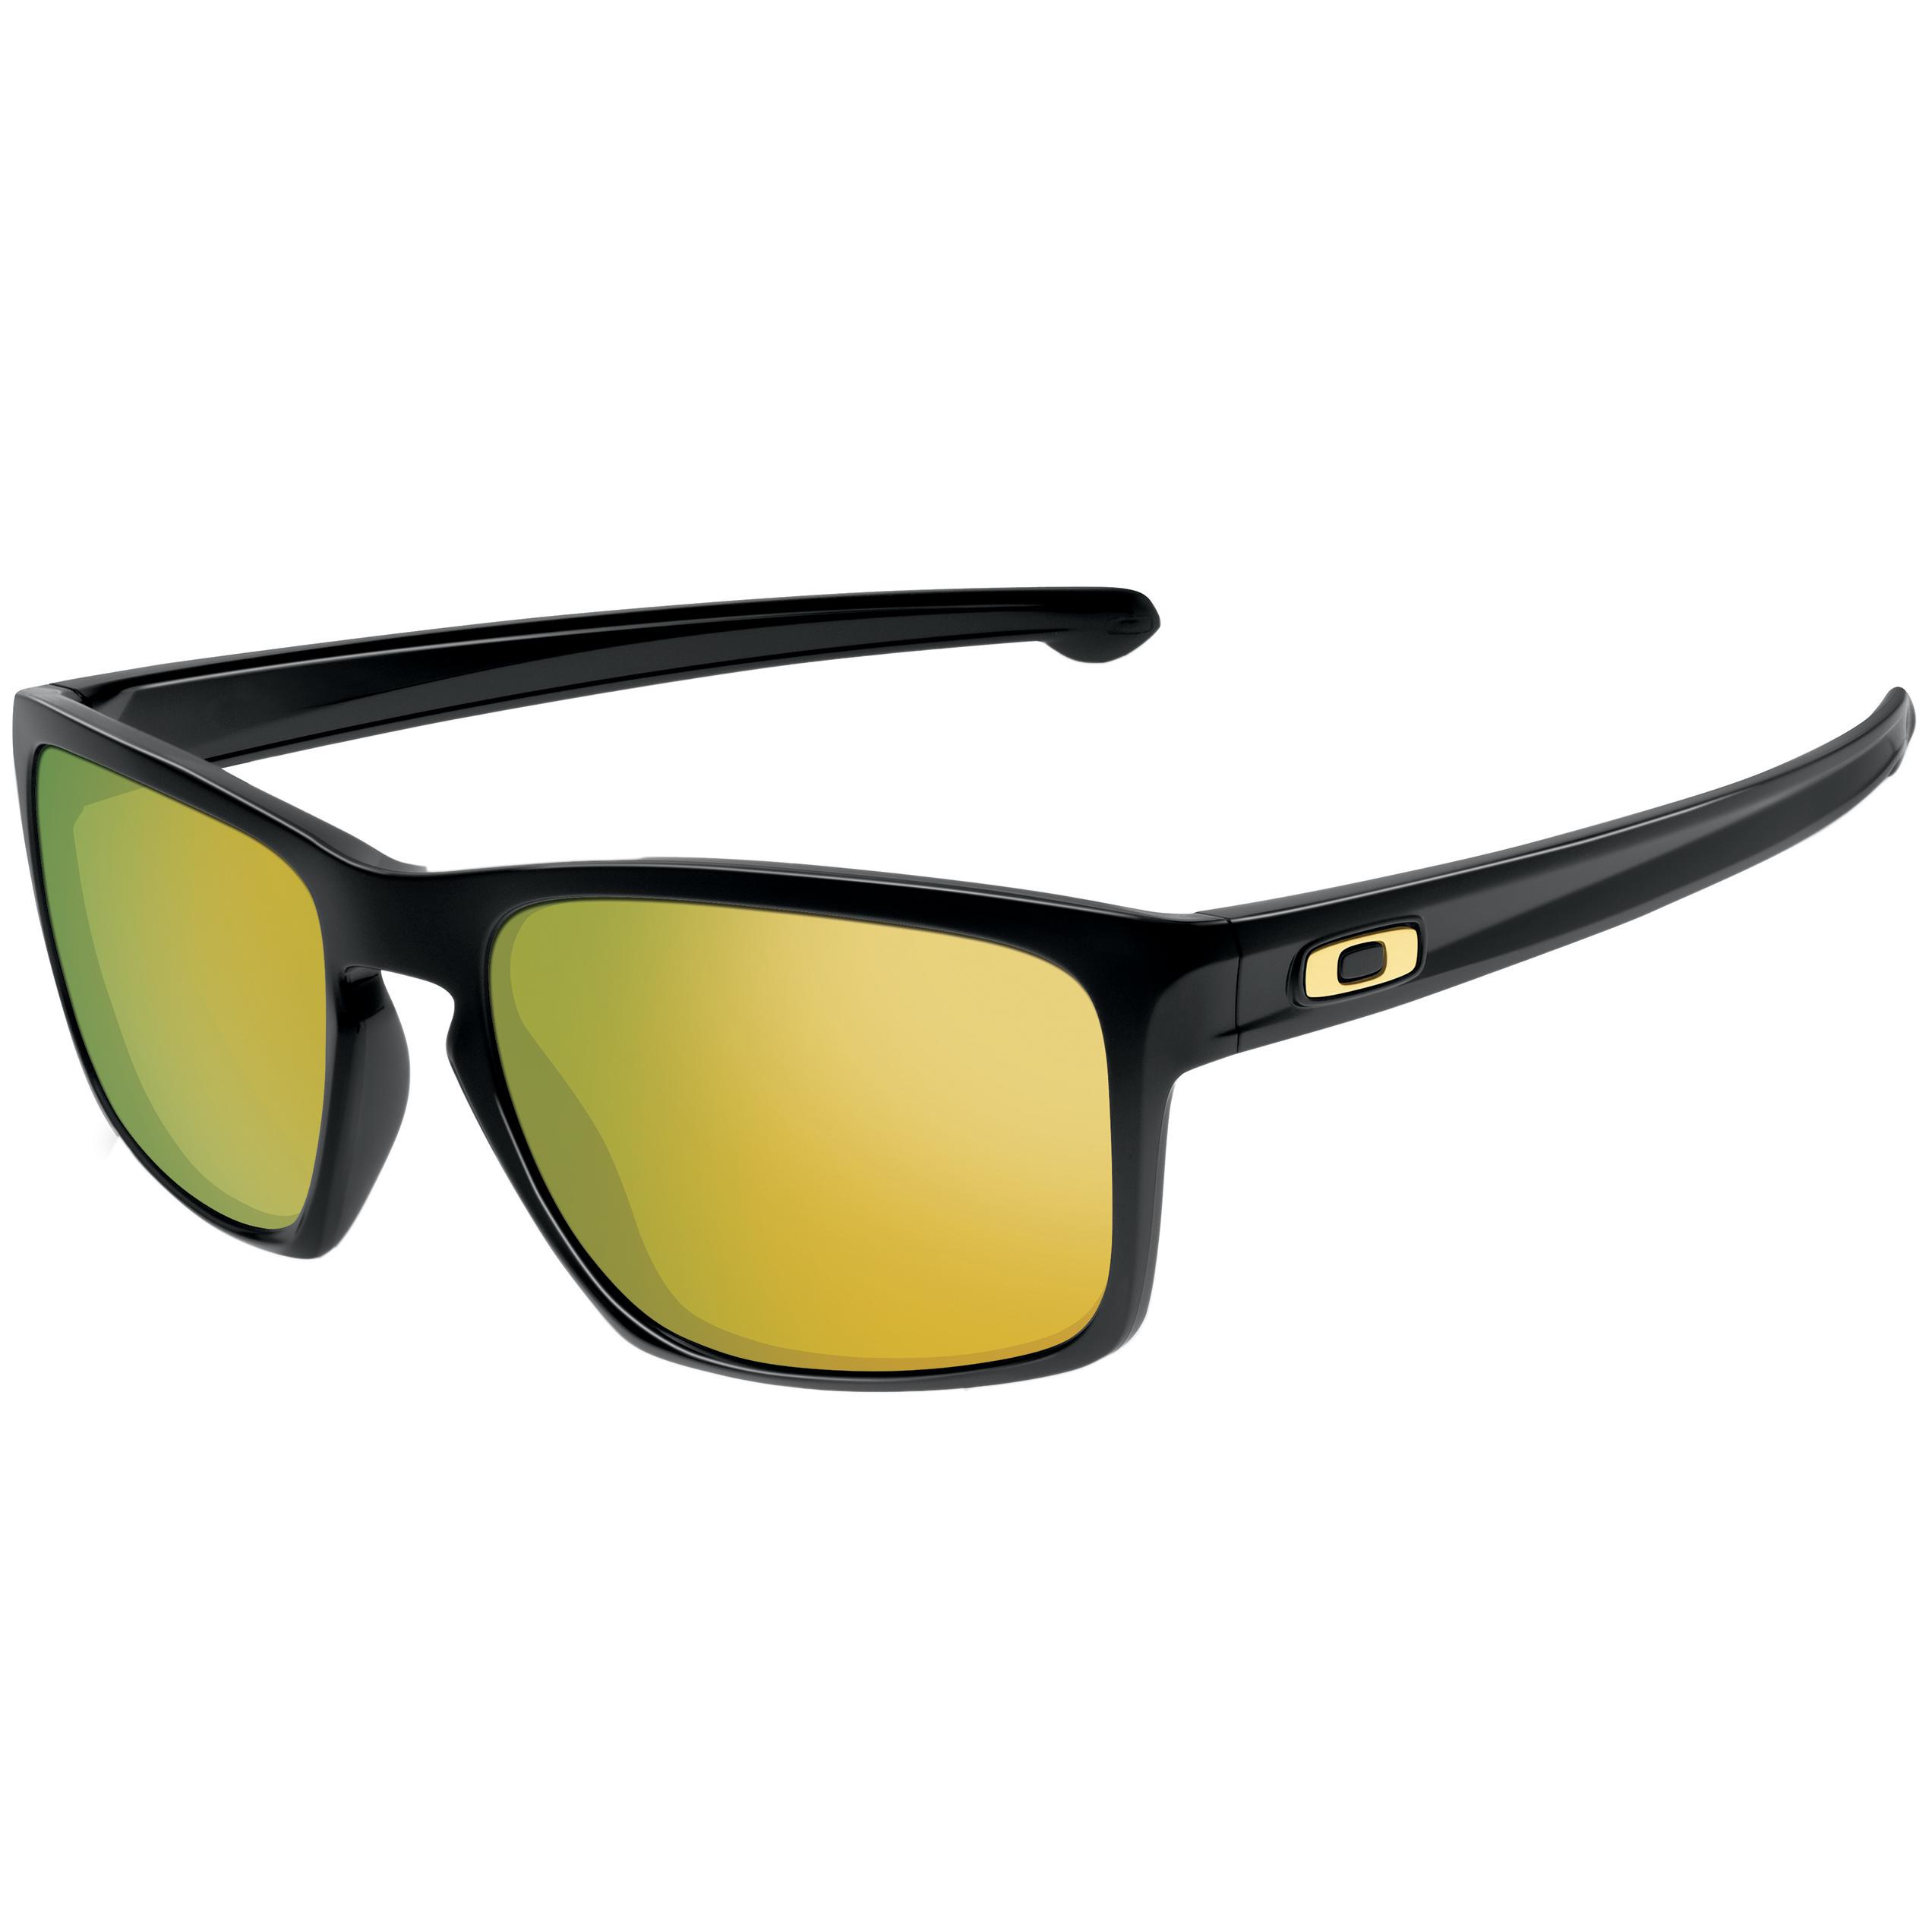 b01e64a97f3 Oakley Sunglasses